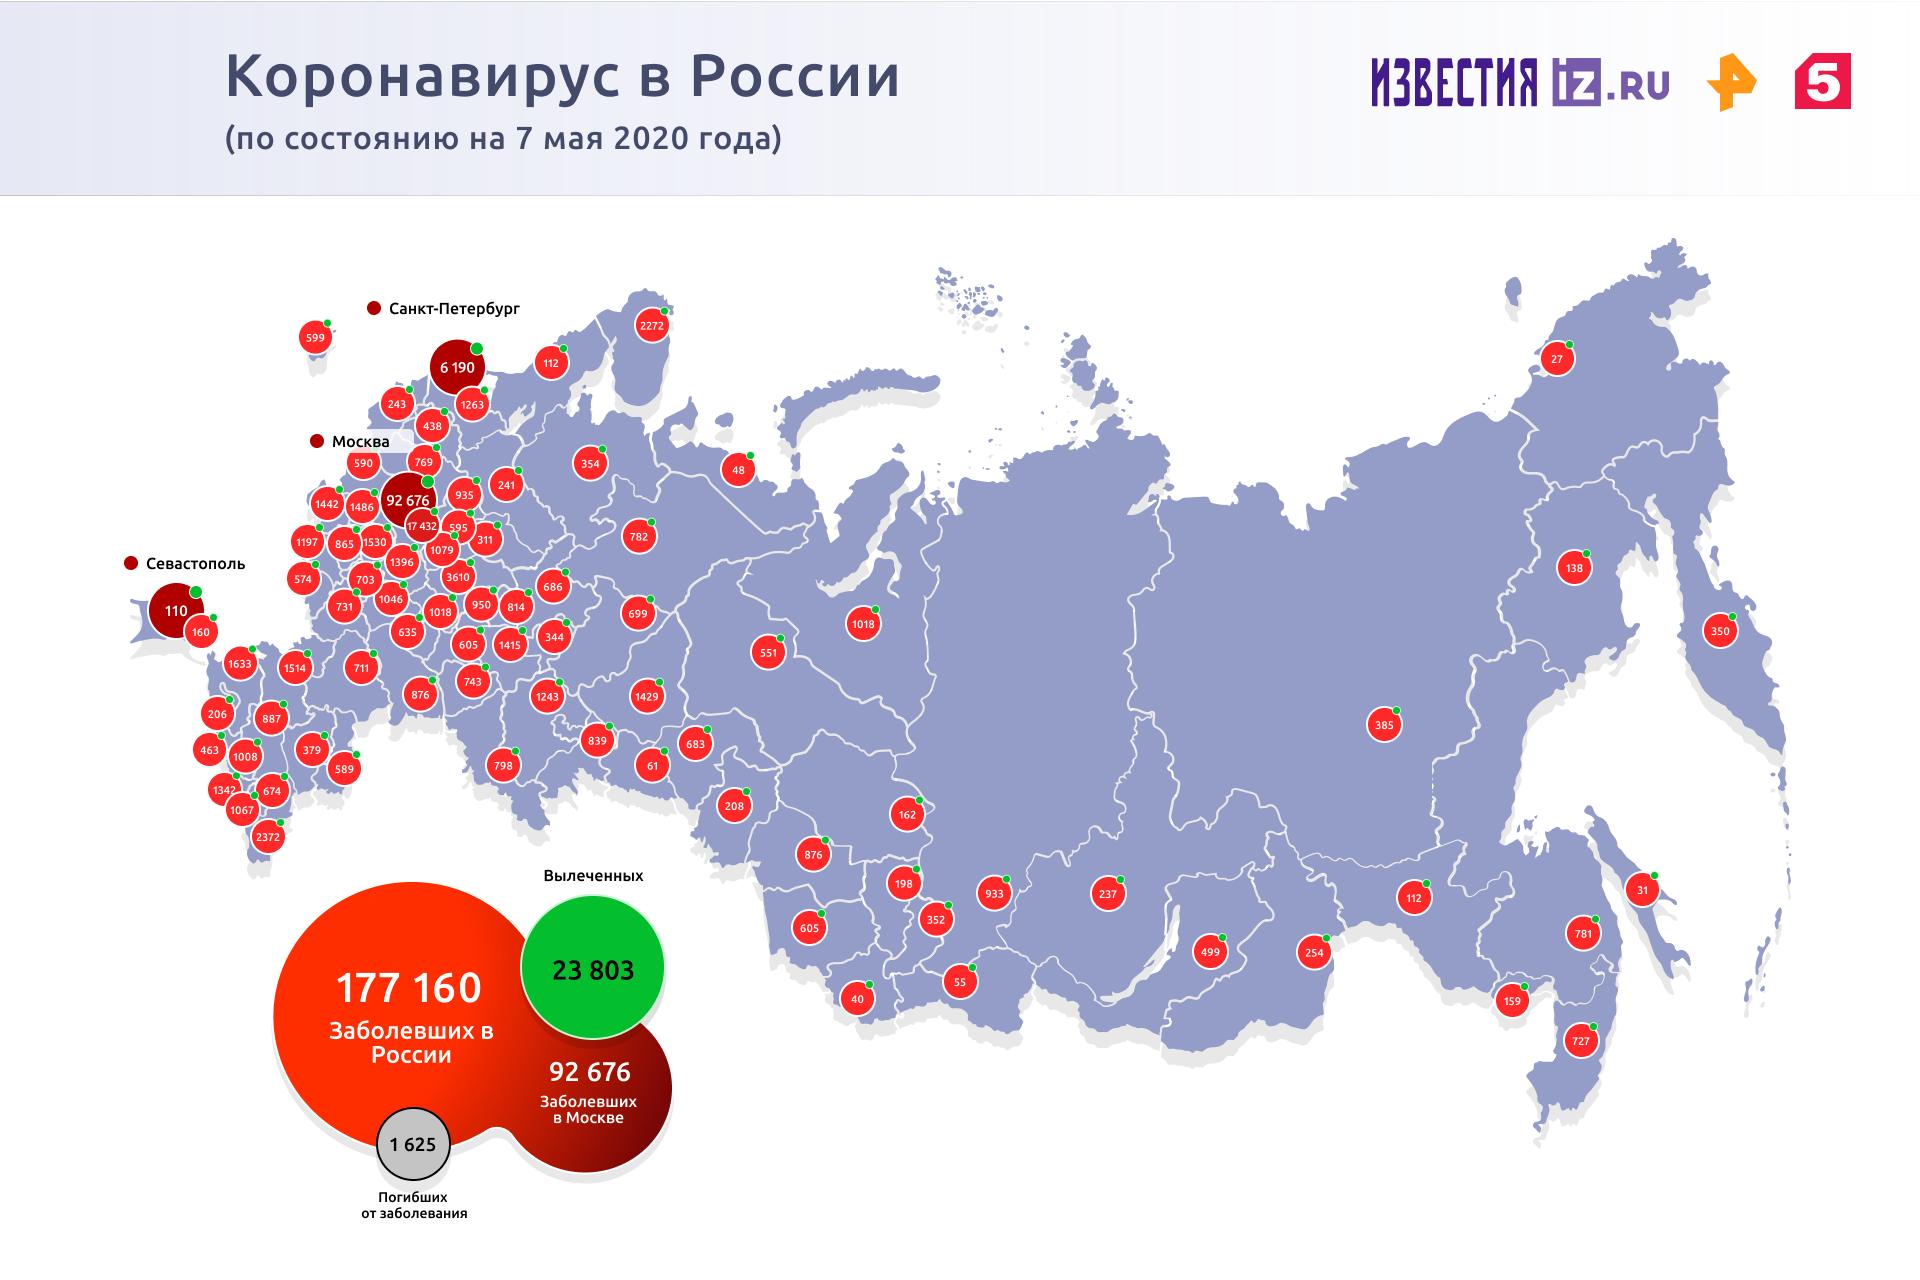 Аксенов заявил о возможной отмене курортного сезона в Крыму